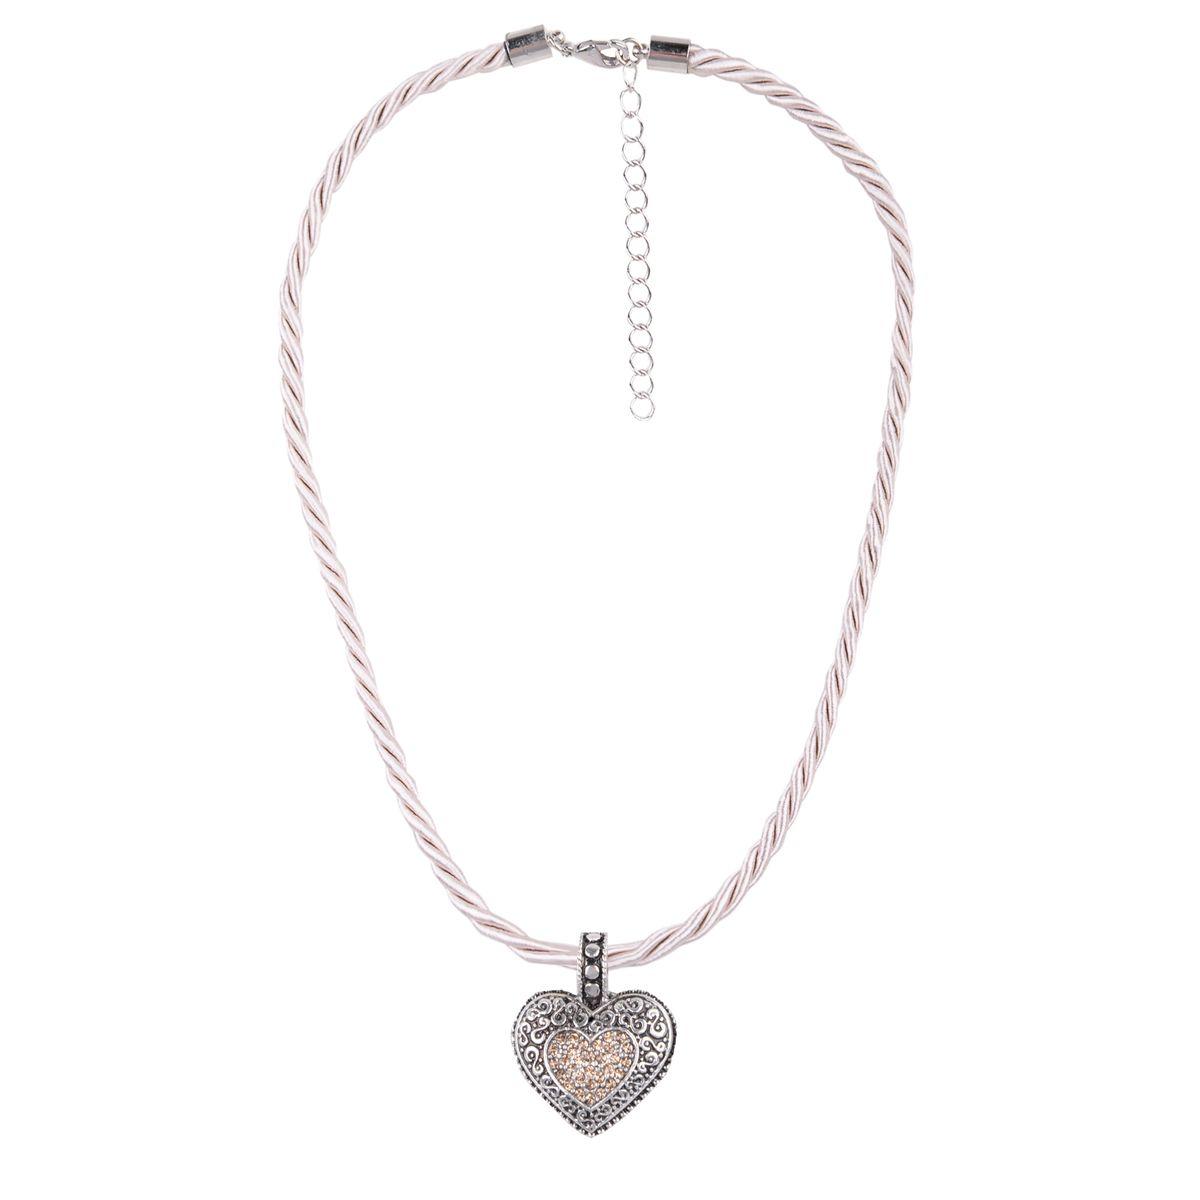 Kordelkette in Beige mit Herzanhänger von Schlick Accessoires günstig online kaufen